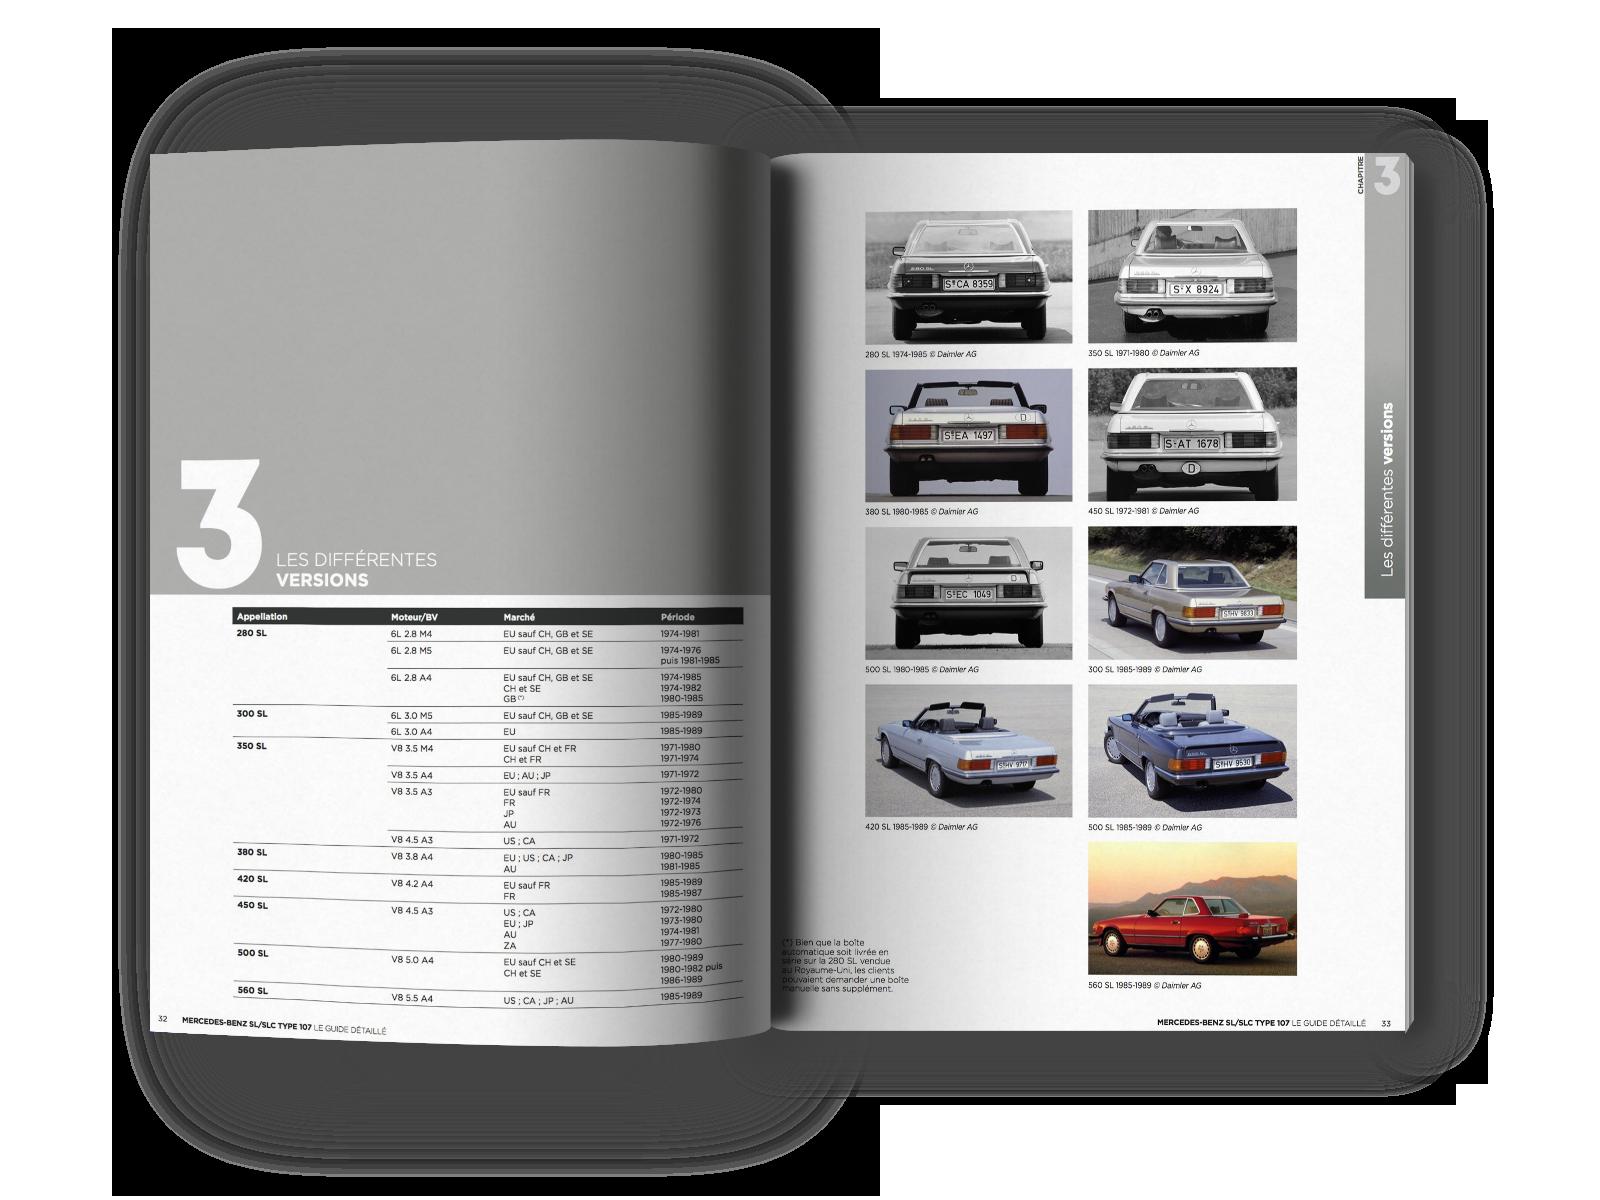 Extrait du Guide de la Mercedes SL / SLC type 107 : chapitre 3